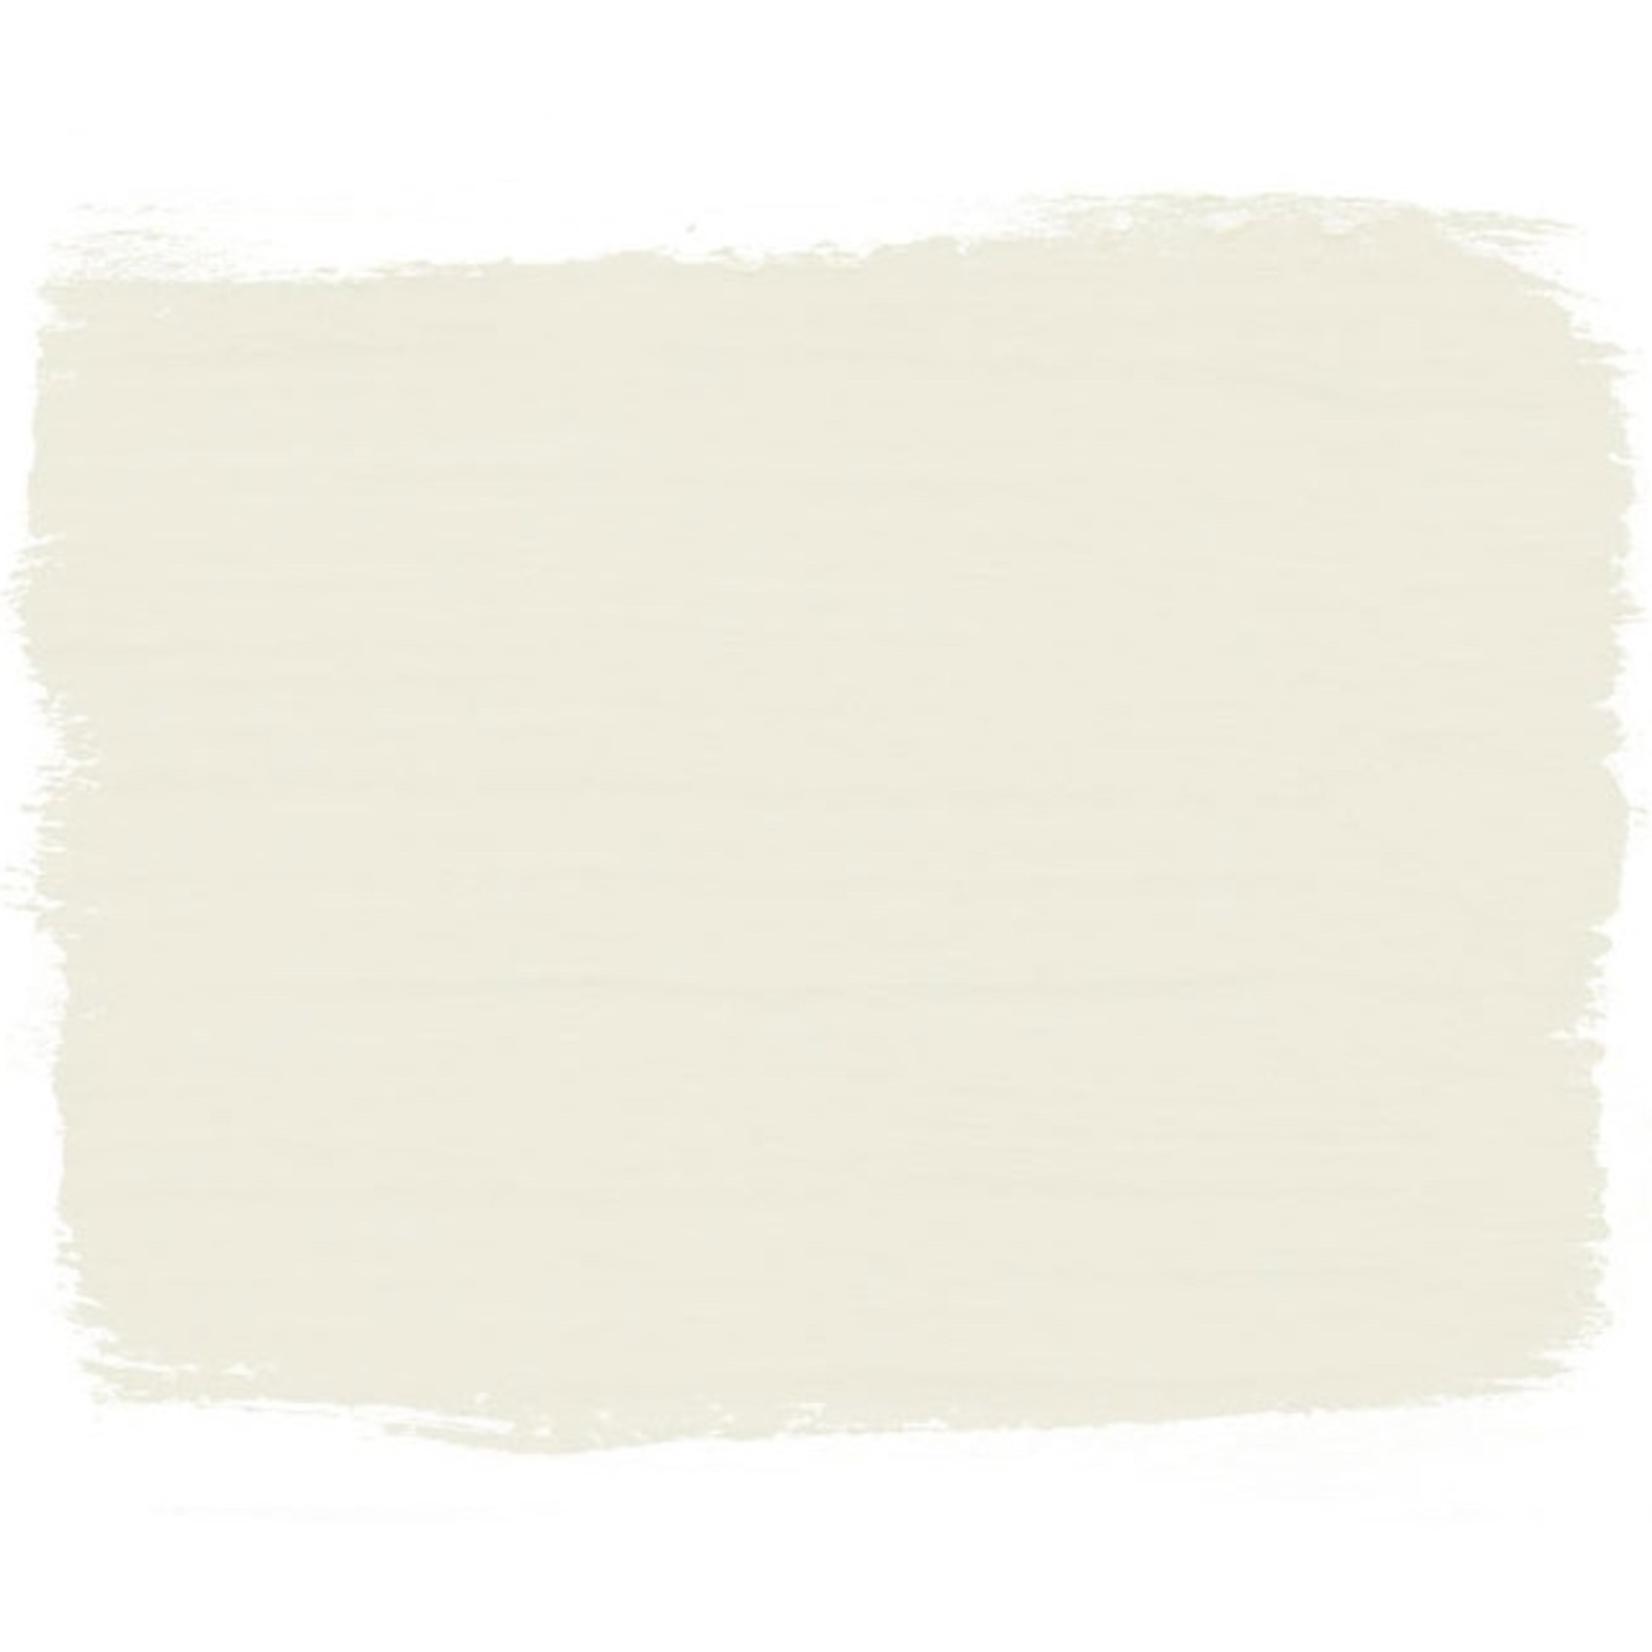 Annie Sloan Annie Sloan Old White wall paint